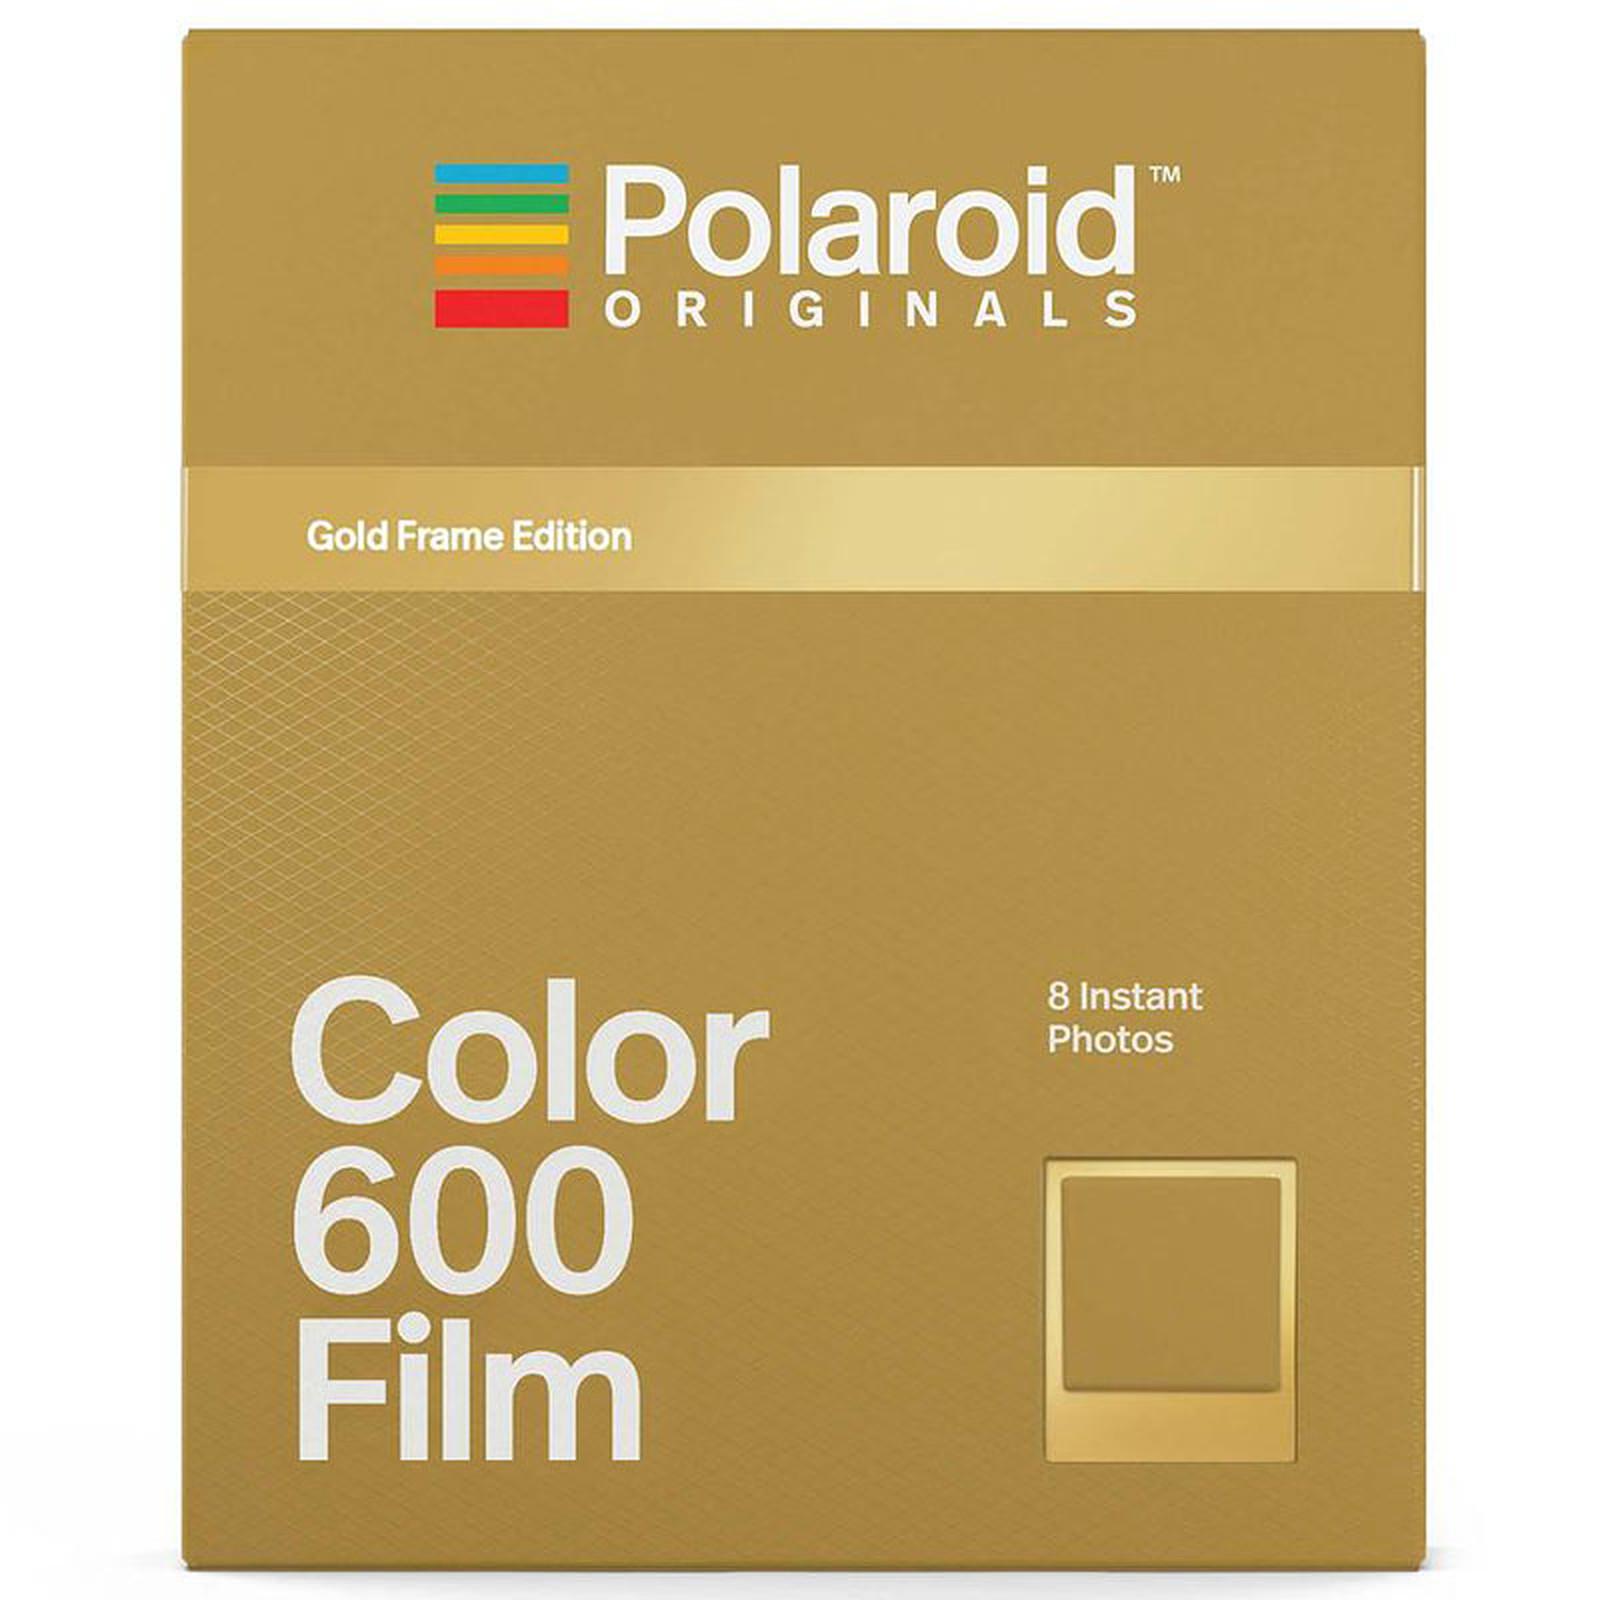 Polaroid Color 600 Película (marco dorado)